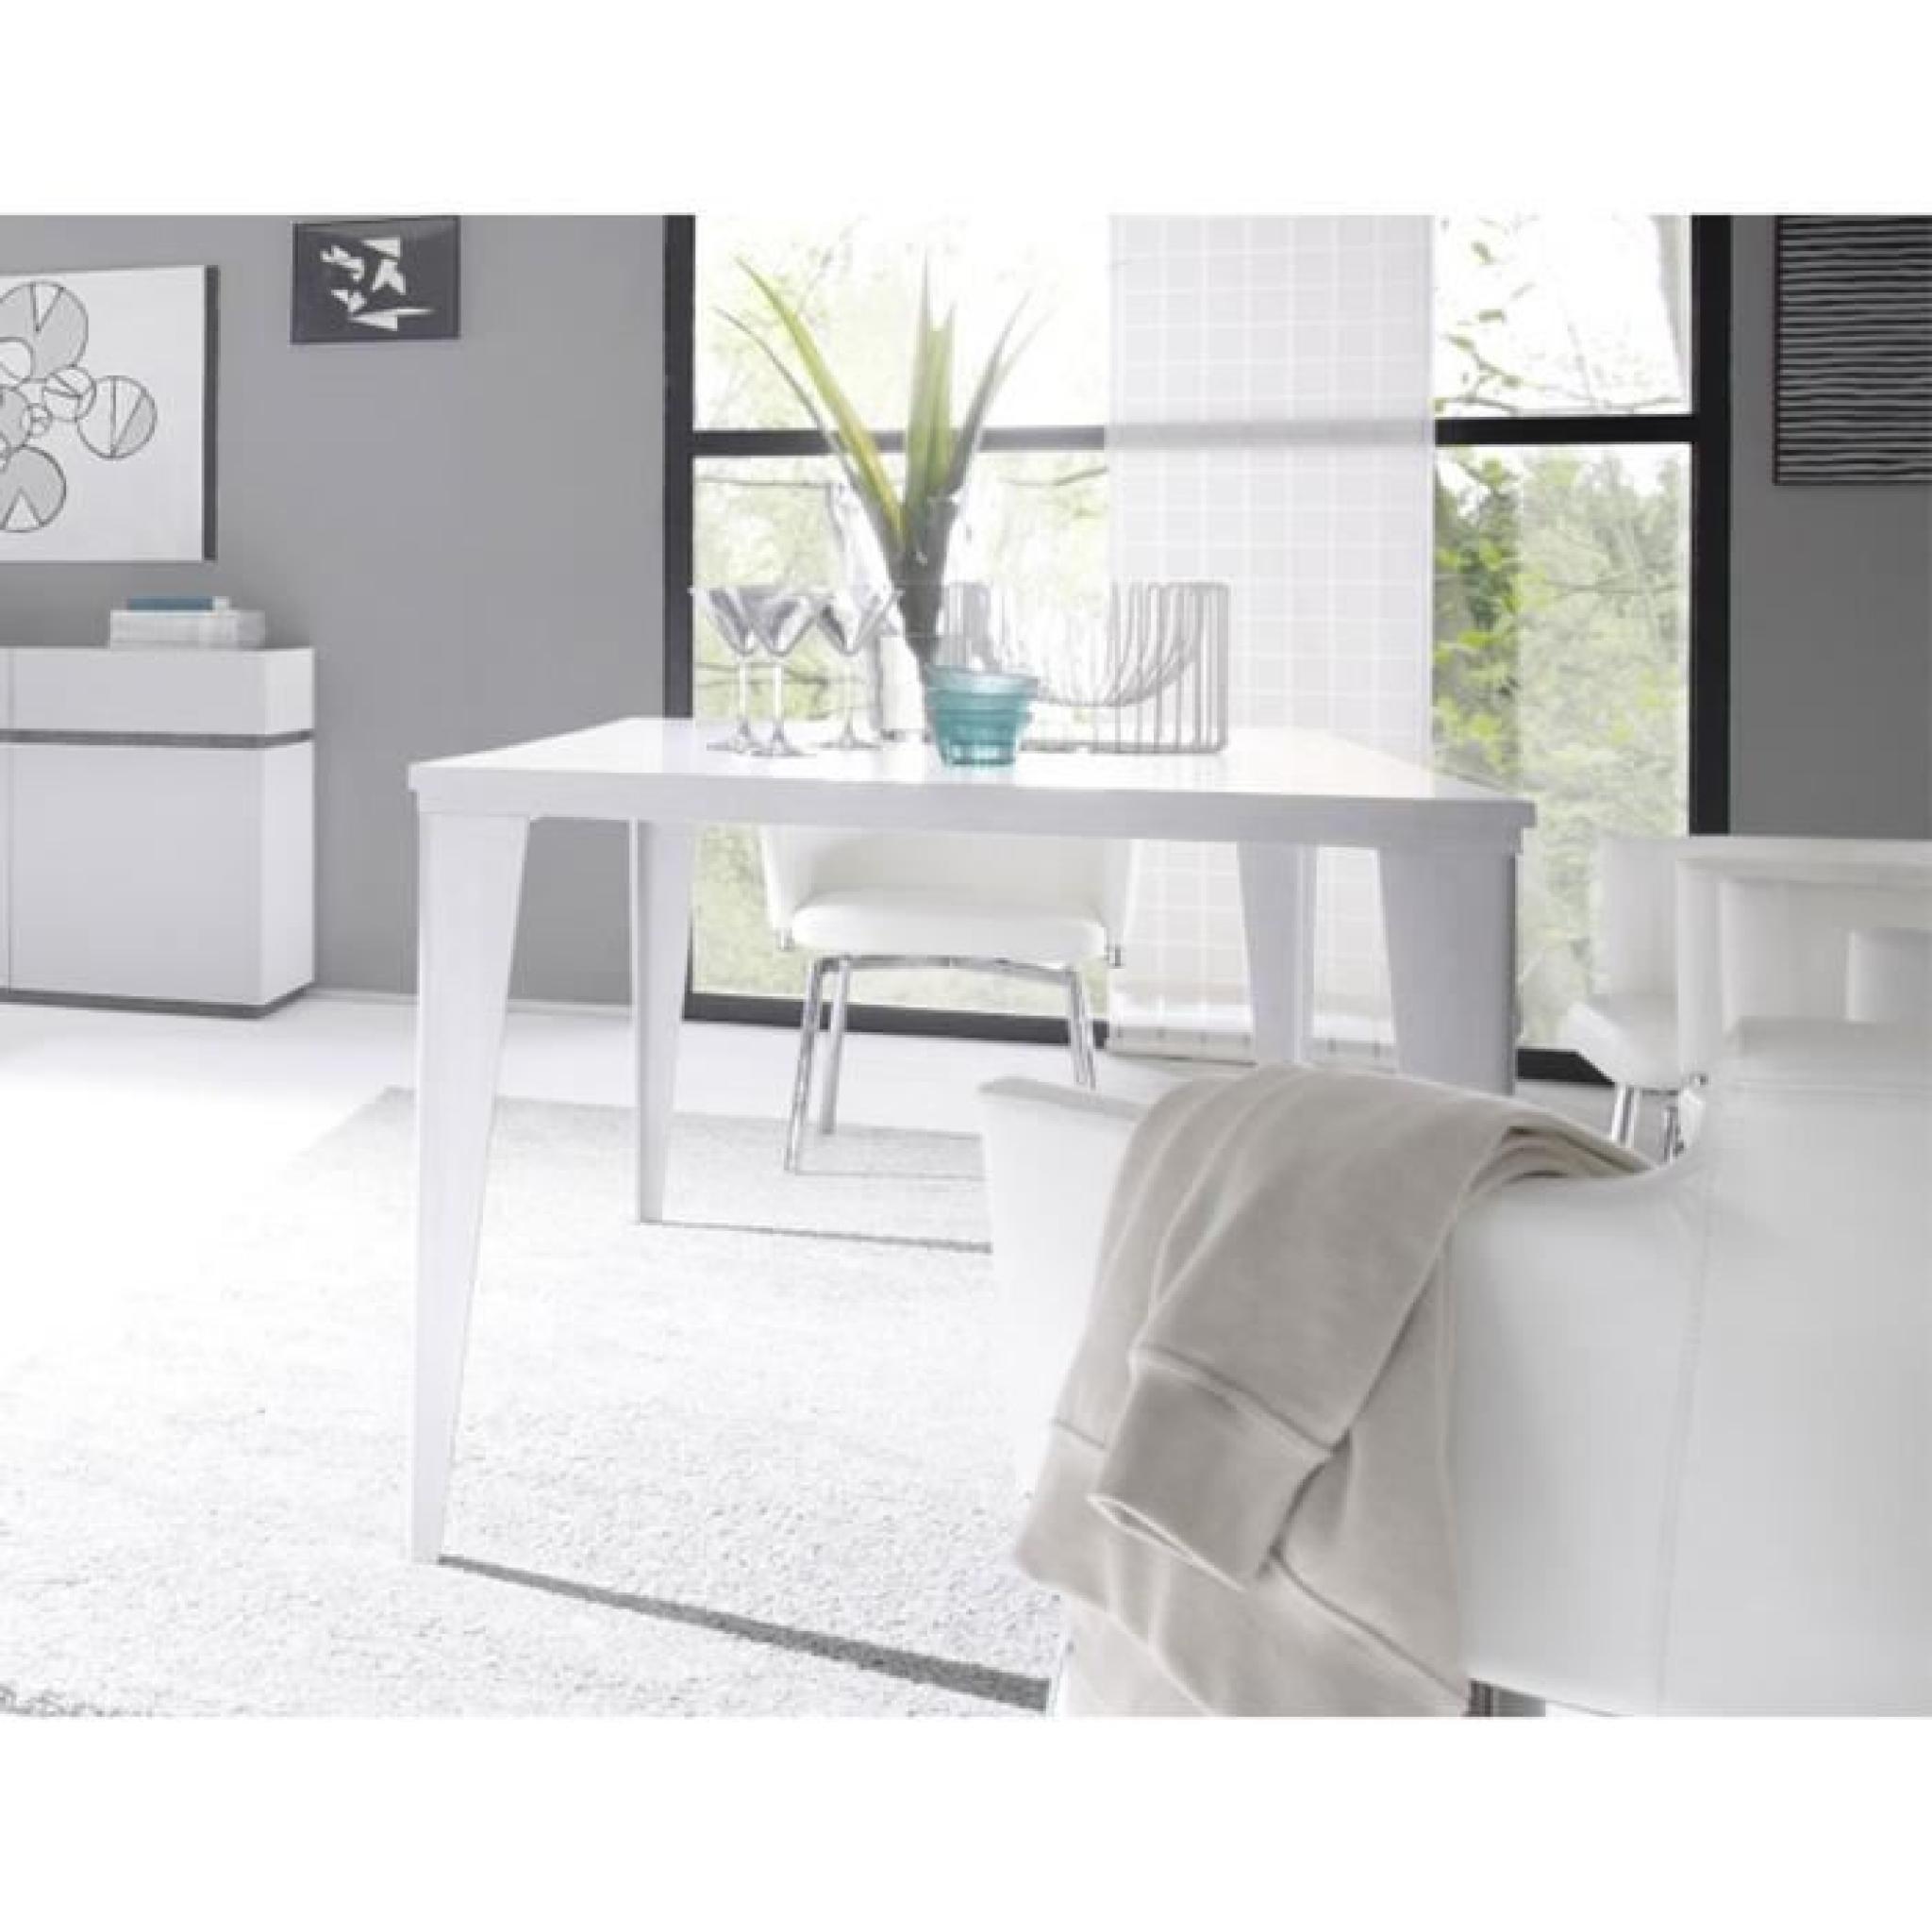 table a manger gris mat ou blanc mat contemporaine legos gris achat vente table salle a manger pas cher couleur et design fr